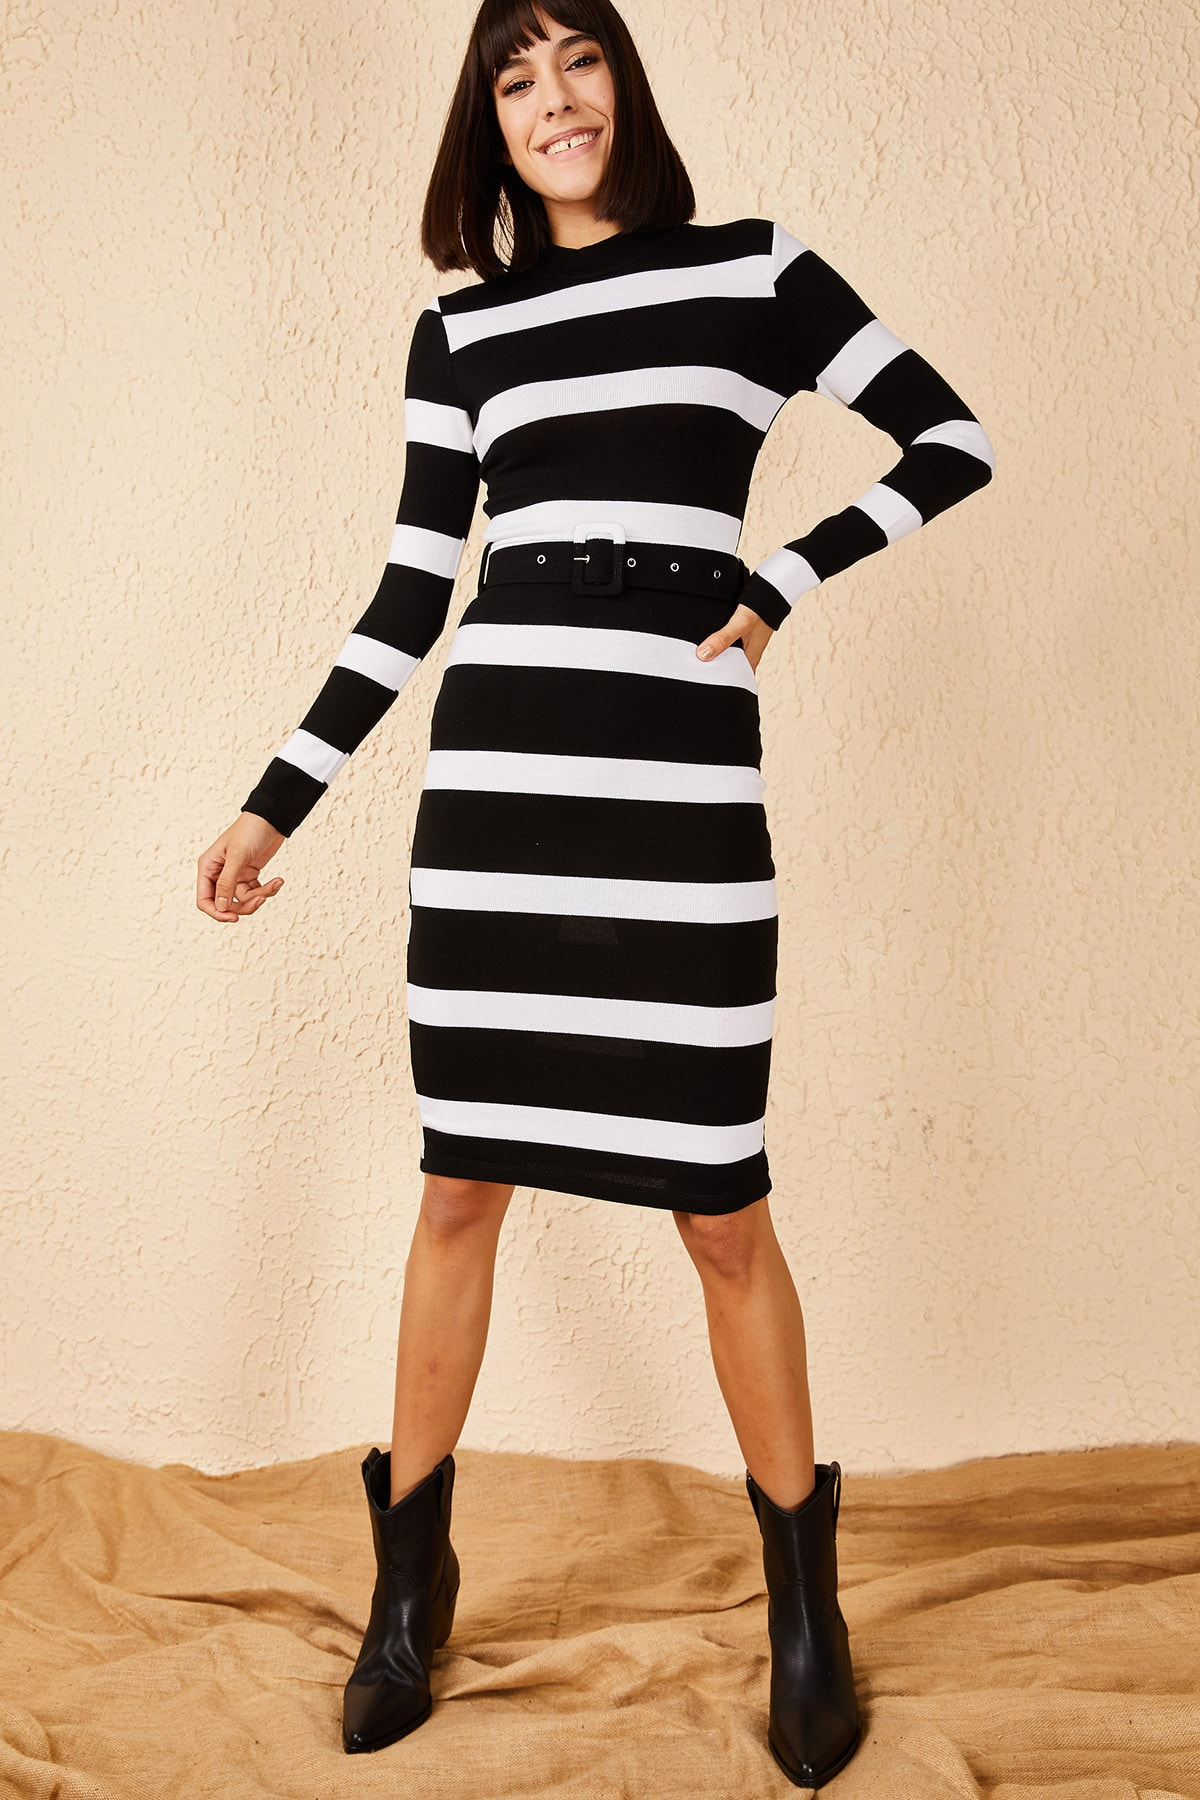 Bianco Lucci Kadın Siyah Beyaz Kemerli Akrilik Elbise 10171002